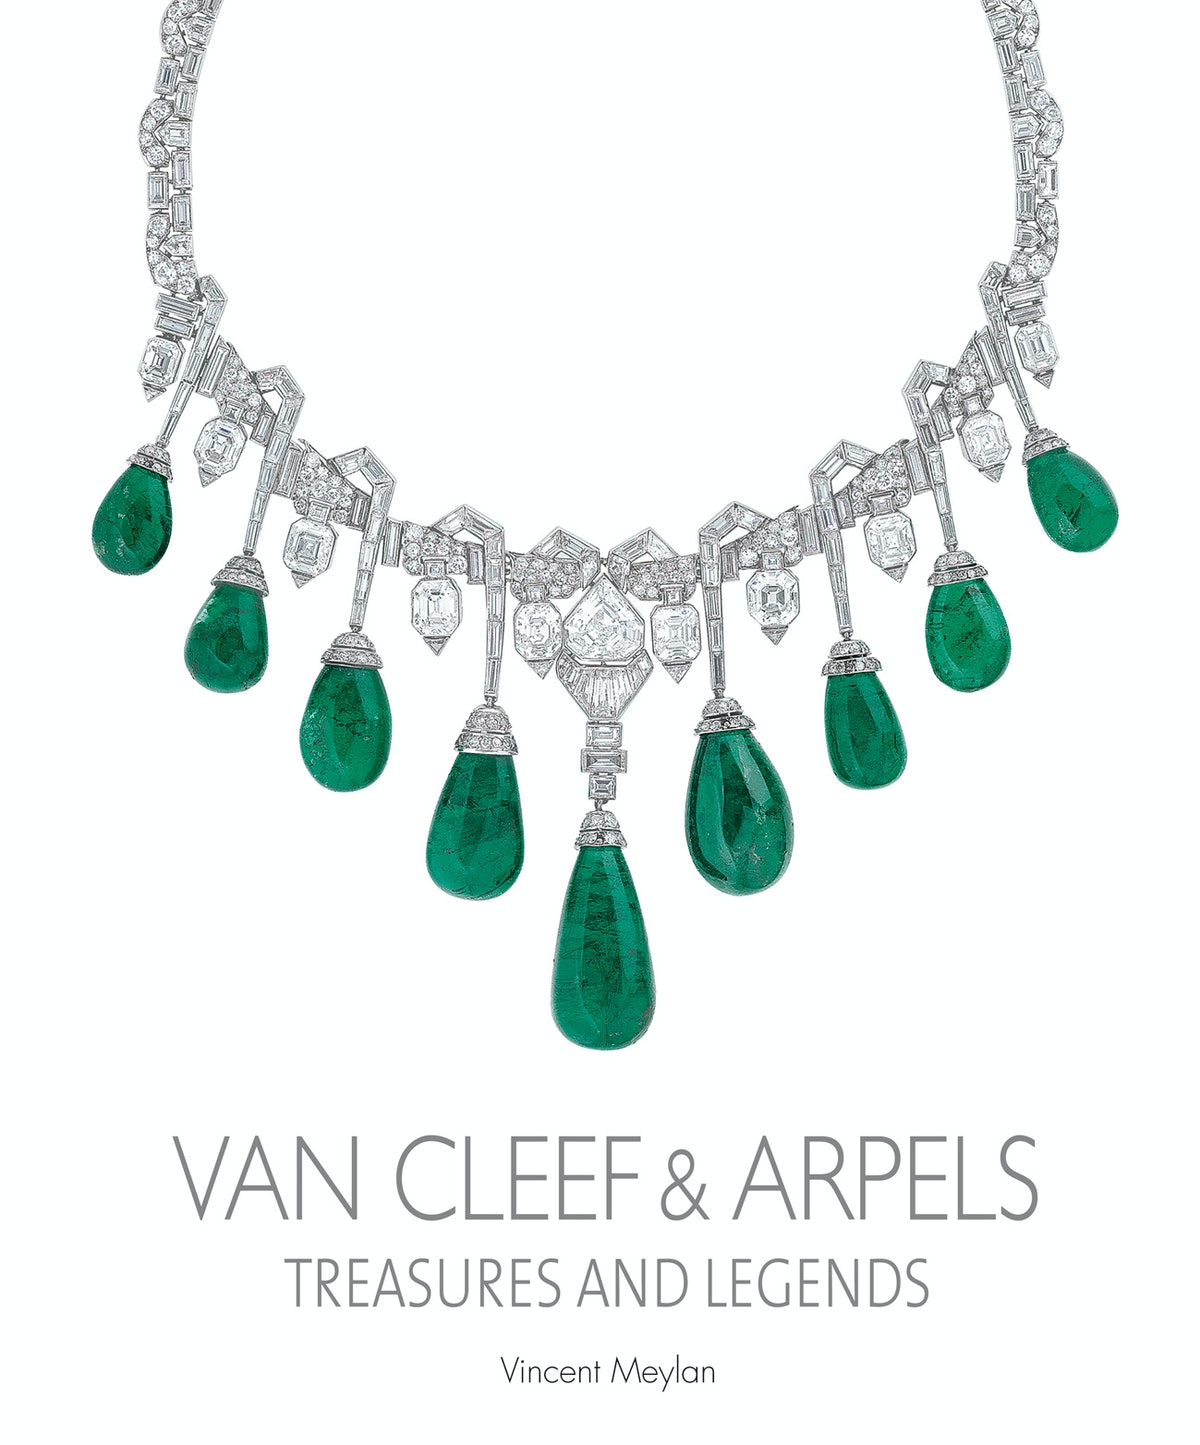 Van Cleef & Arpels: Treasures and Legends, by Vincent Meylan (Antique Collectors' Club)